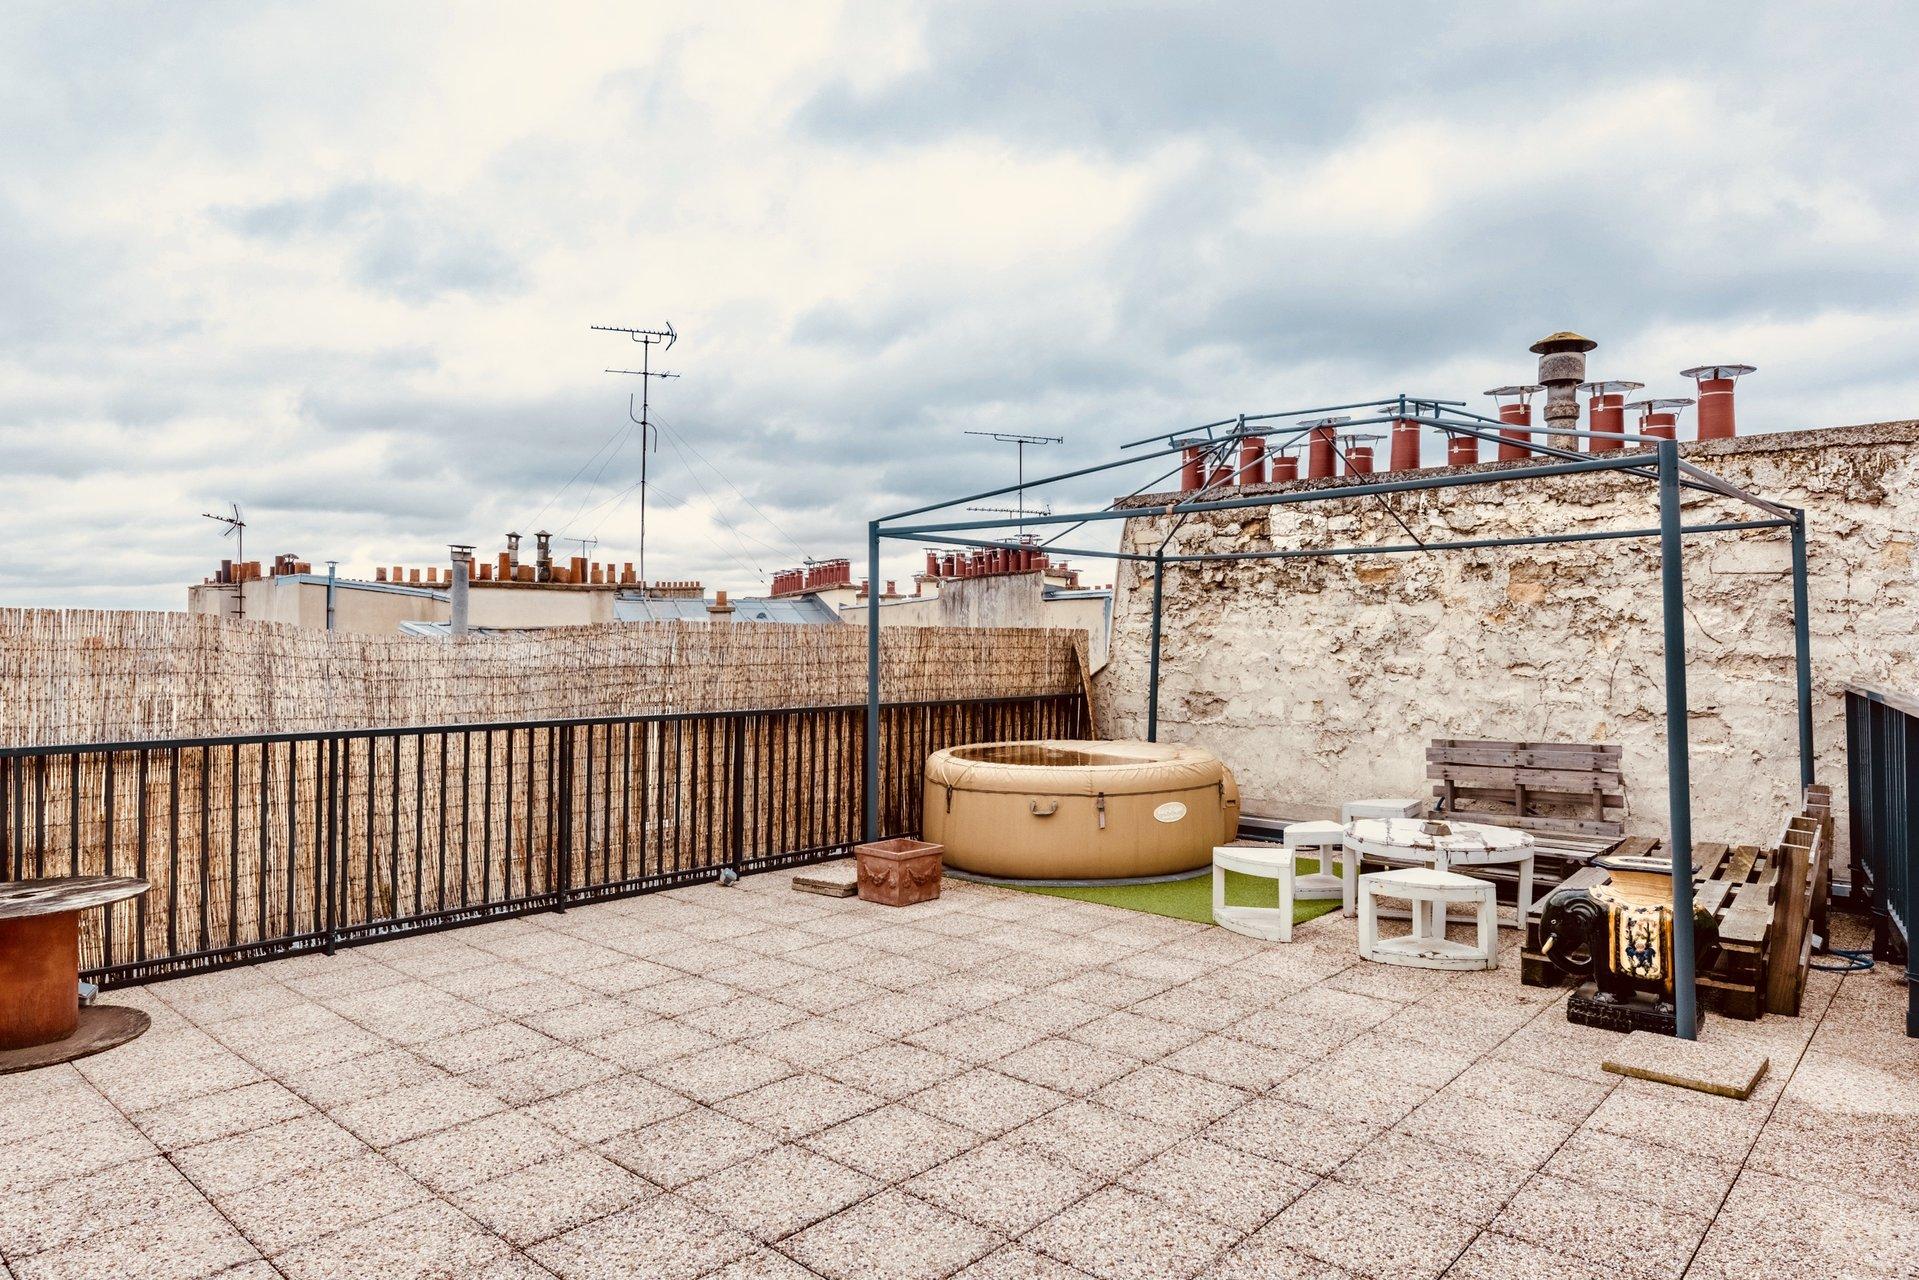 4 pièces - Toit terrasse - Dernier étage - Lamarck Caulaincourt